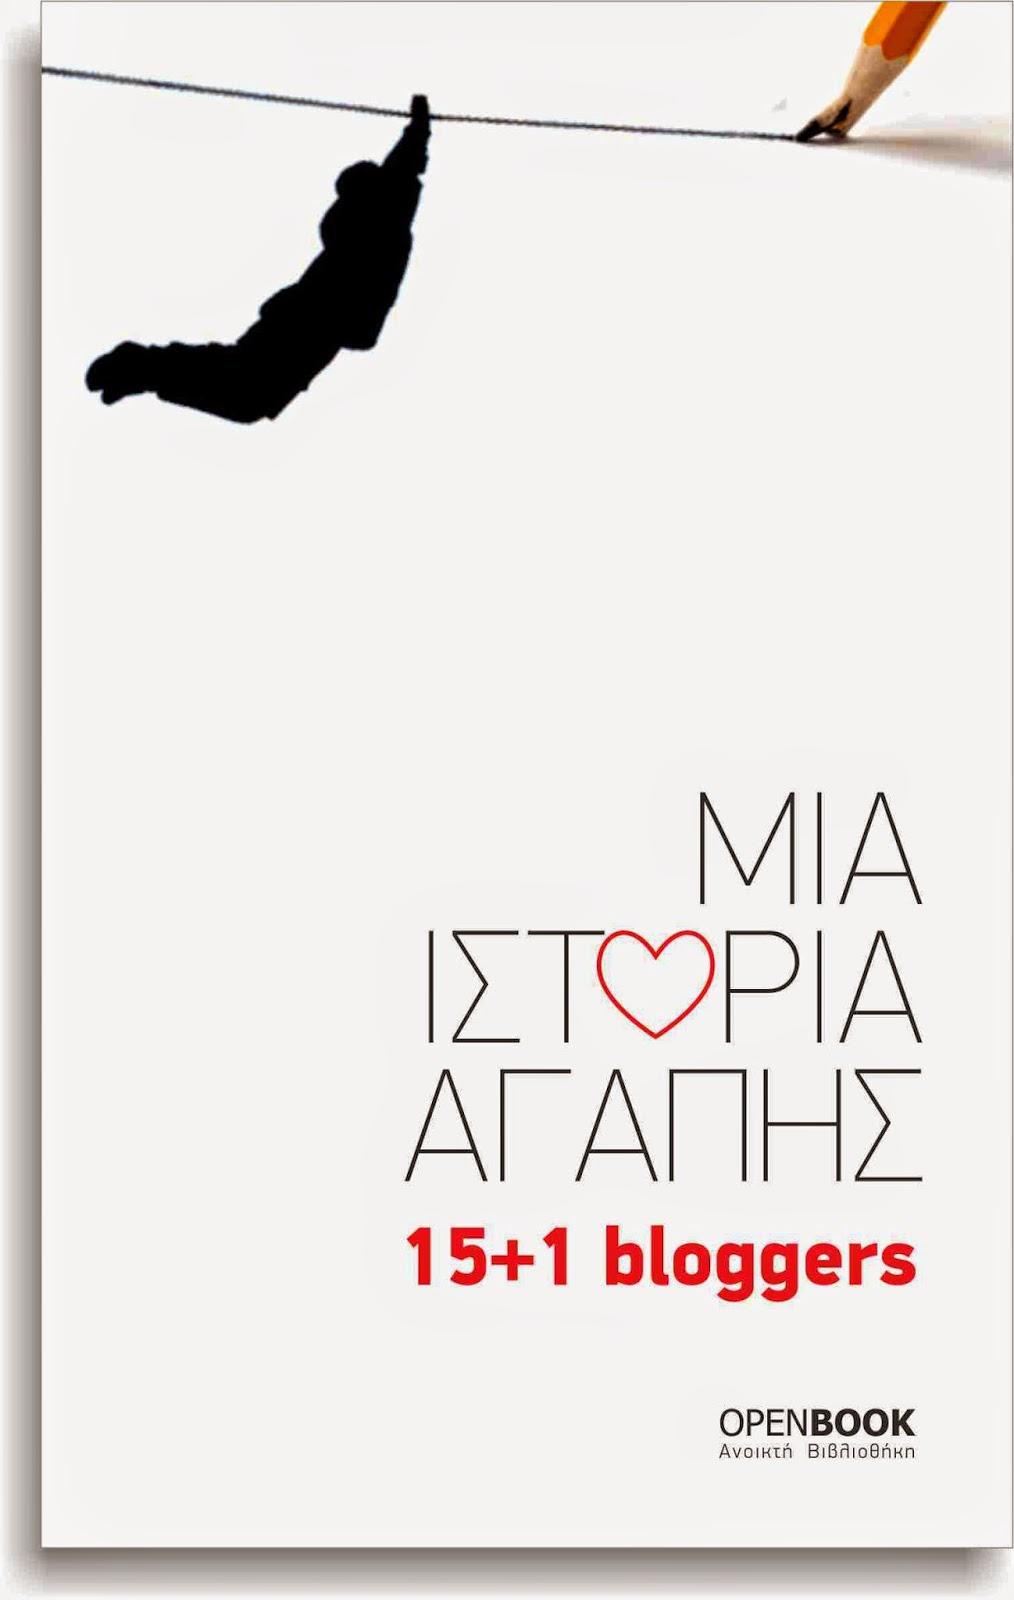 Μια ιστορία αγάπης..γράψαμε 16 bloggers!